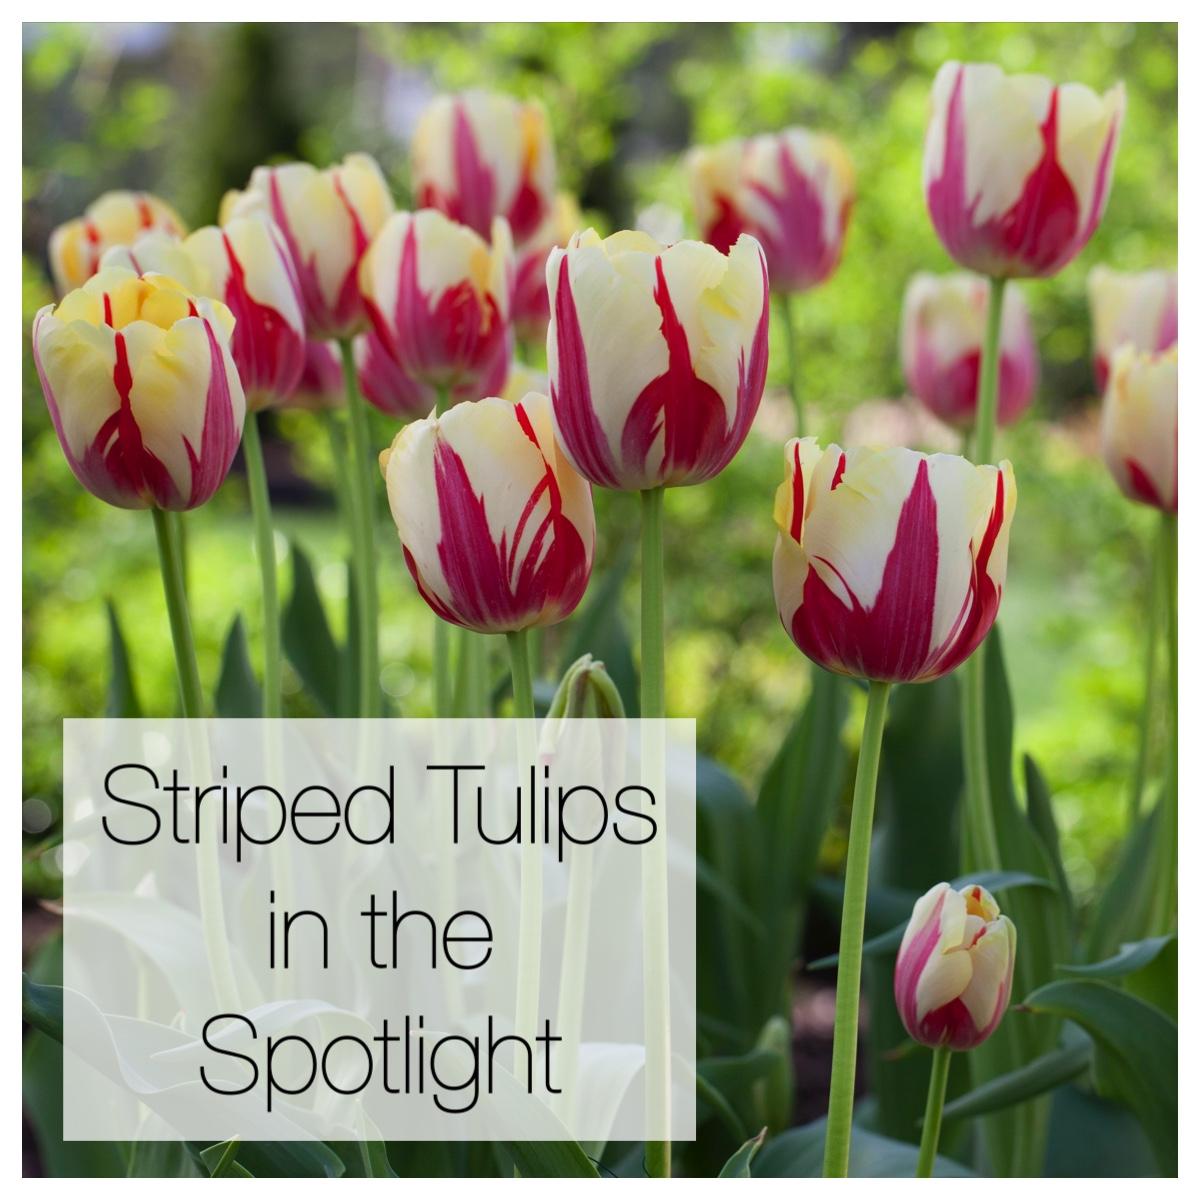 Striped Tulips in the Spotlight - Longfield Gardens